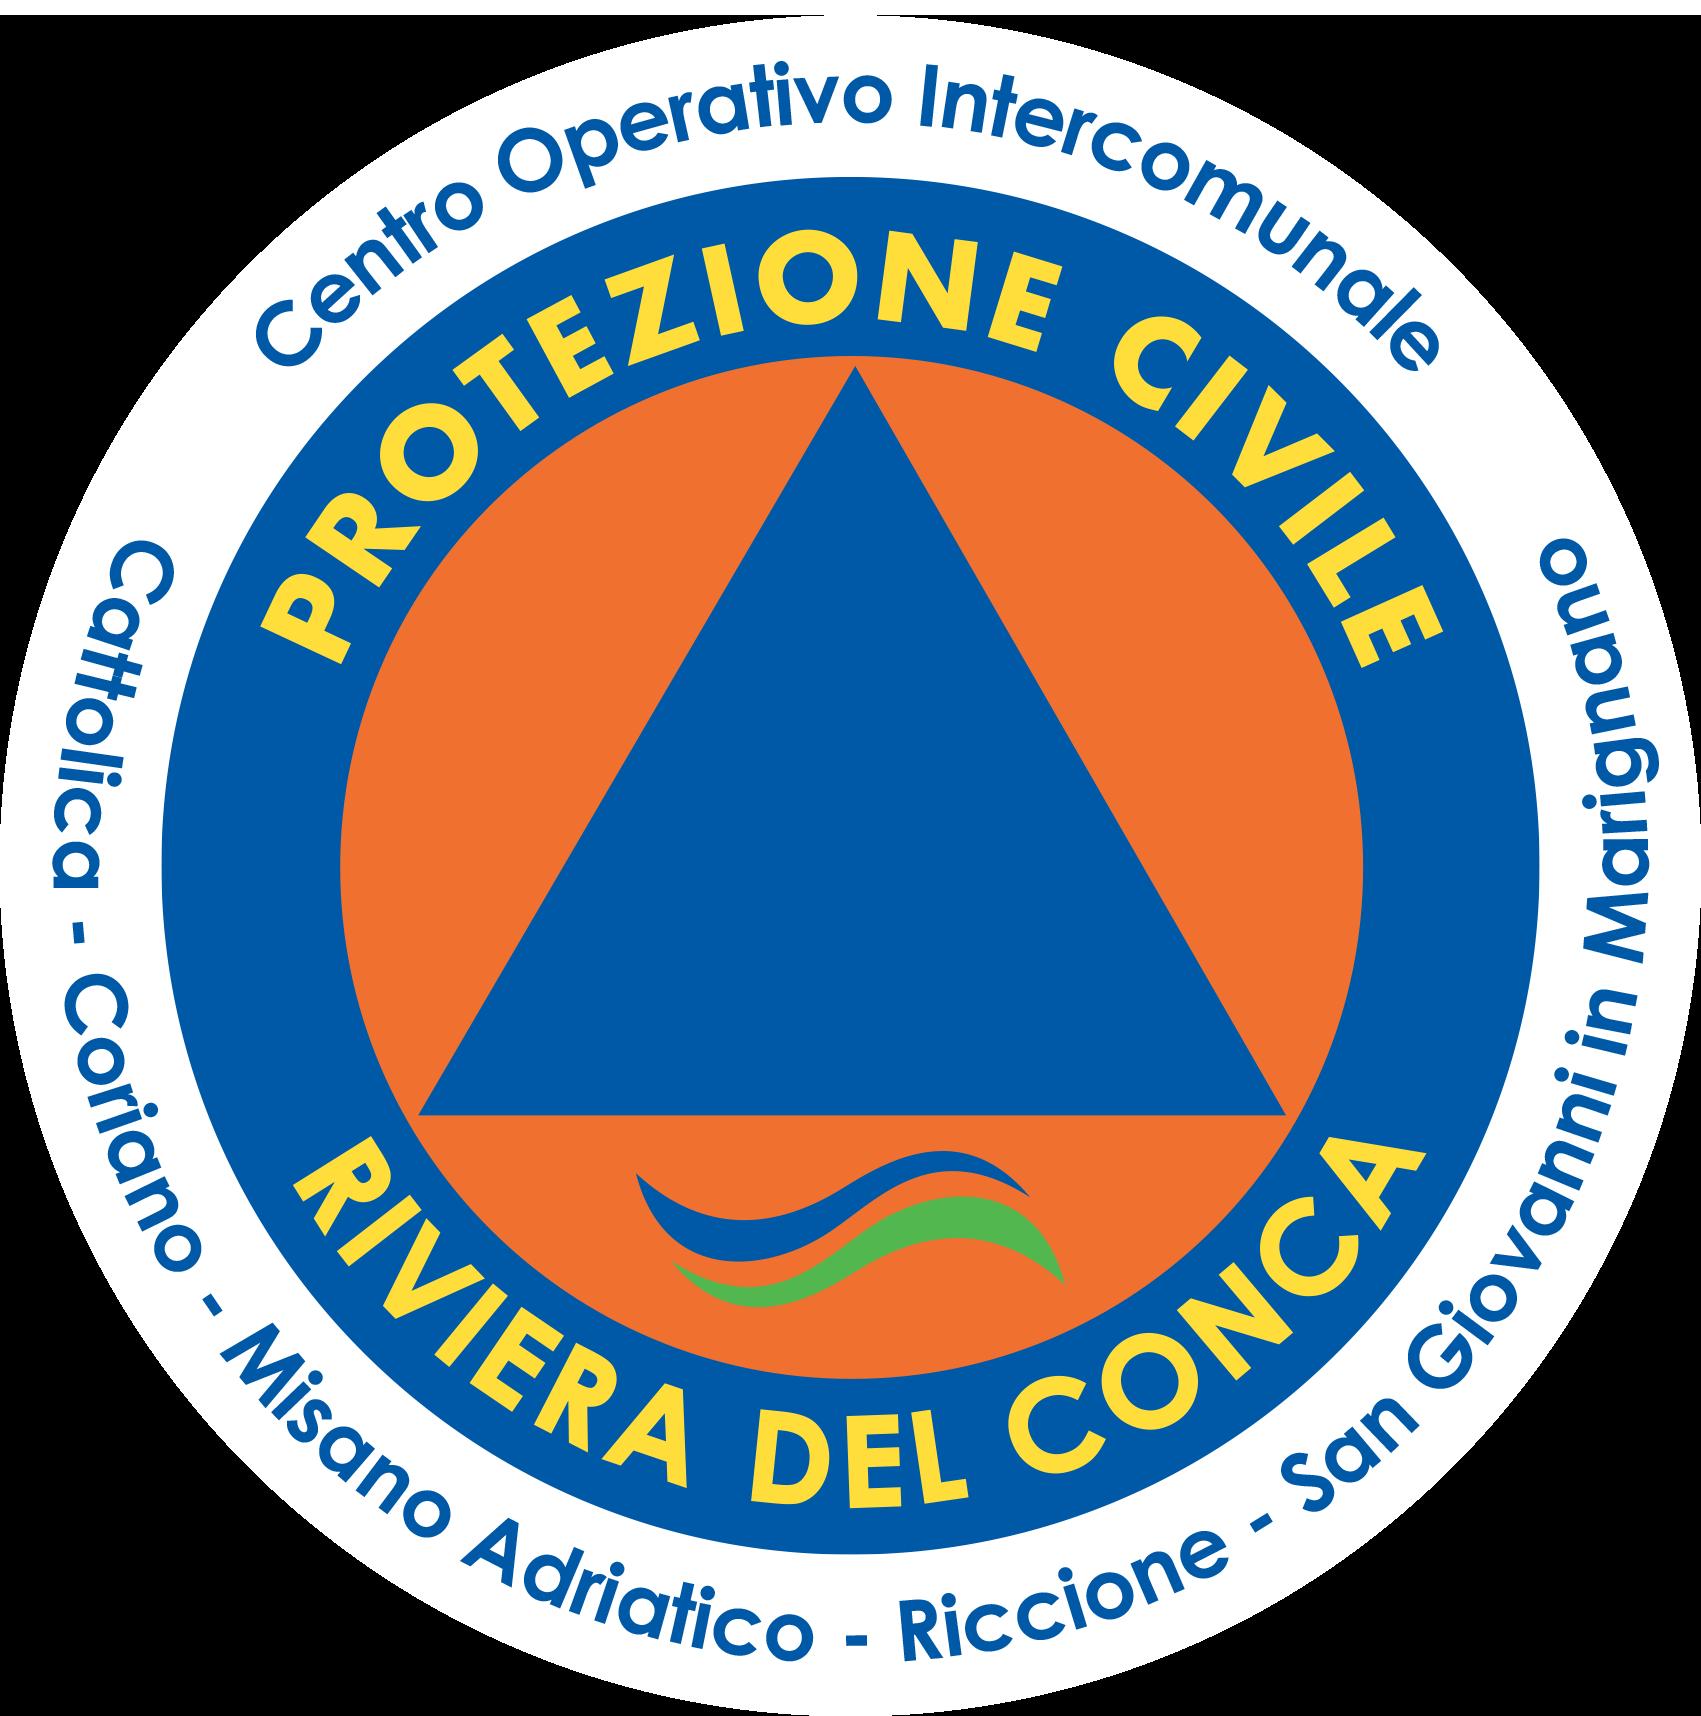 Aggiornamento Coronavirus - Nuovo Sito Protezione Civile Riviera del Conca